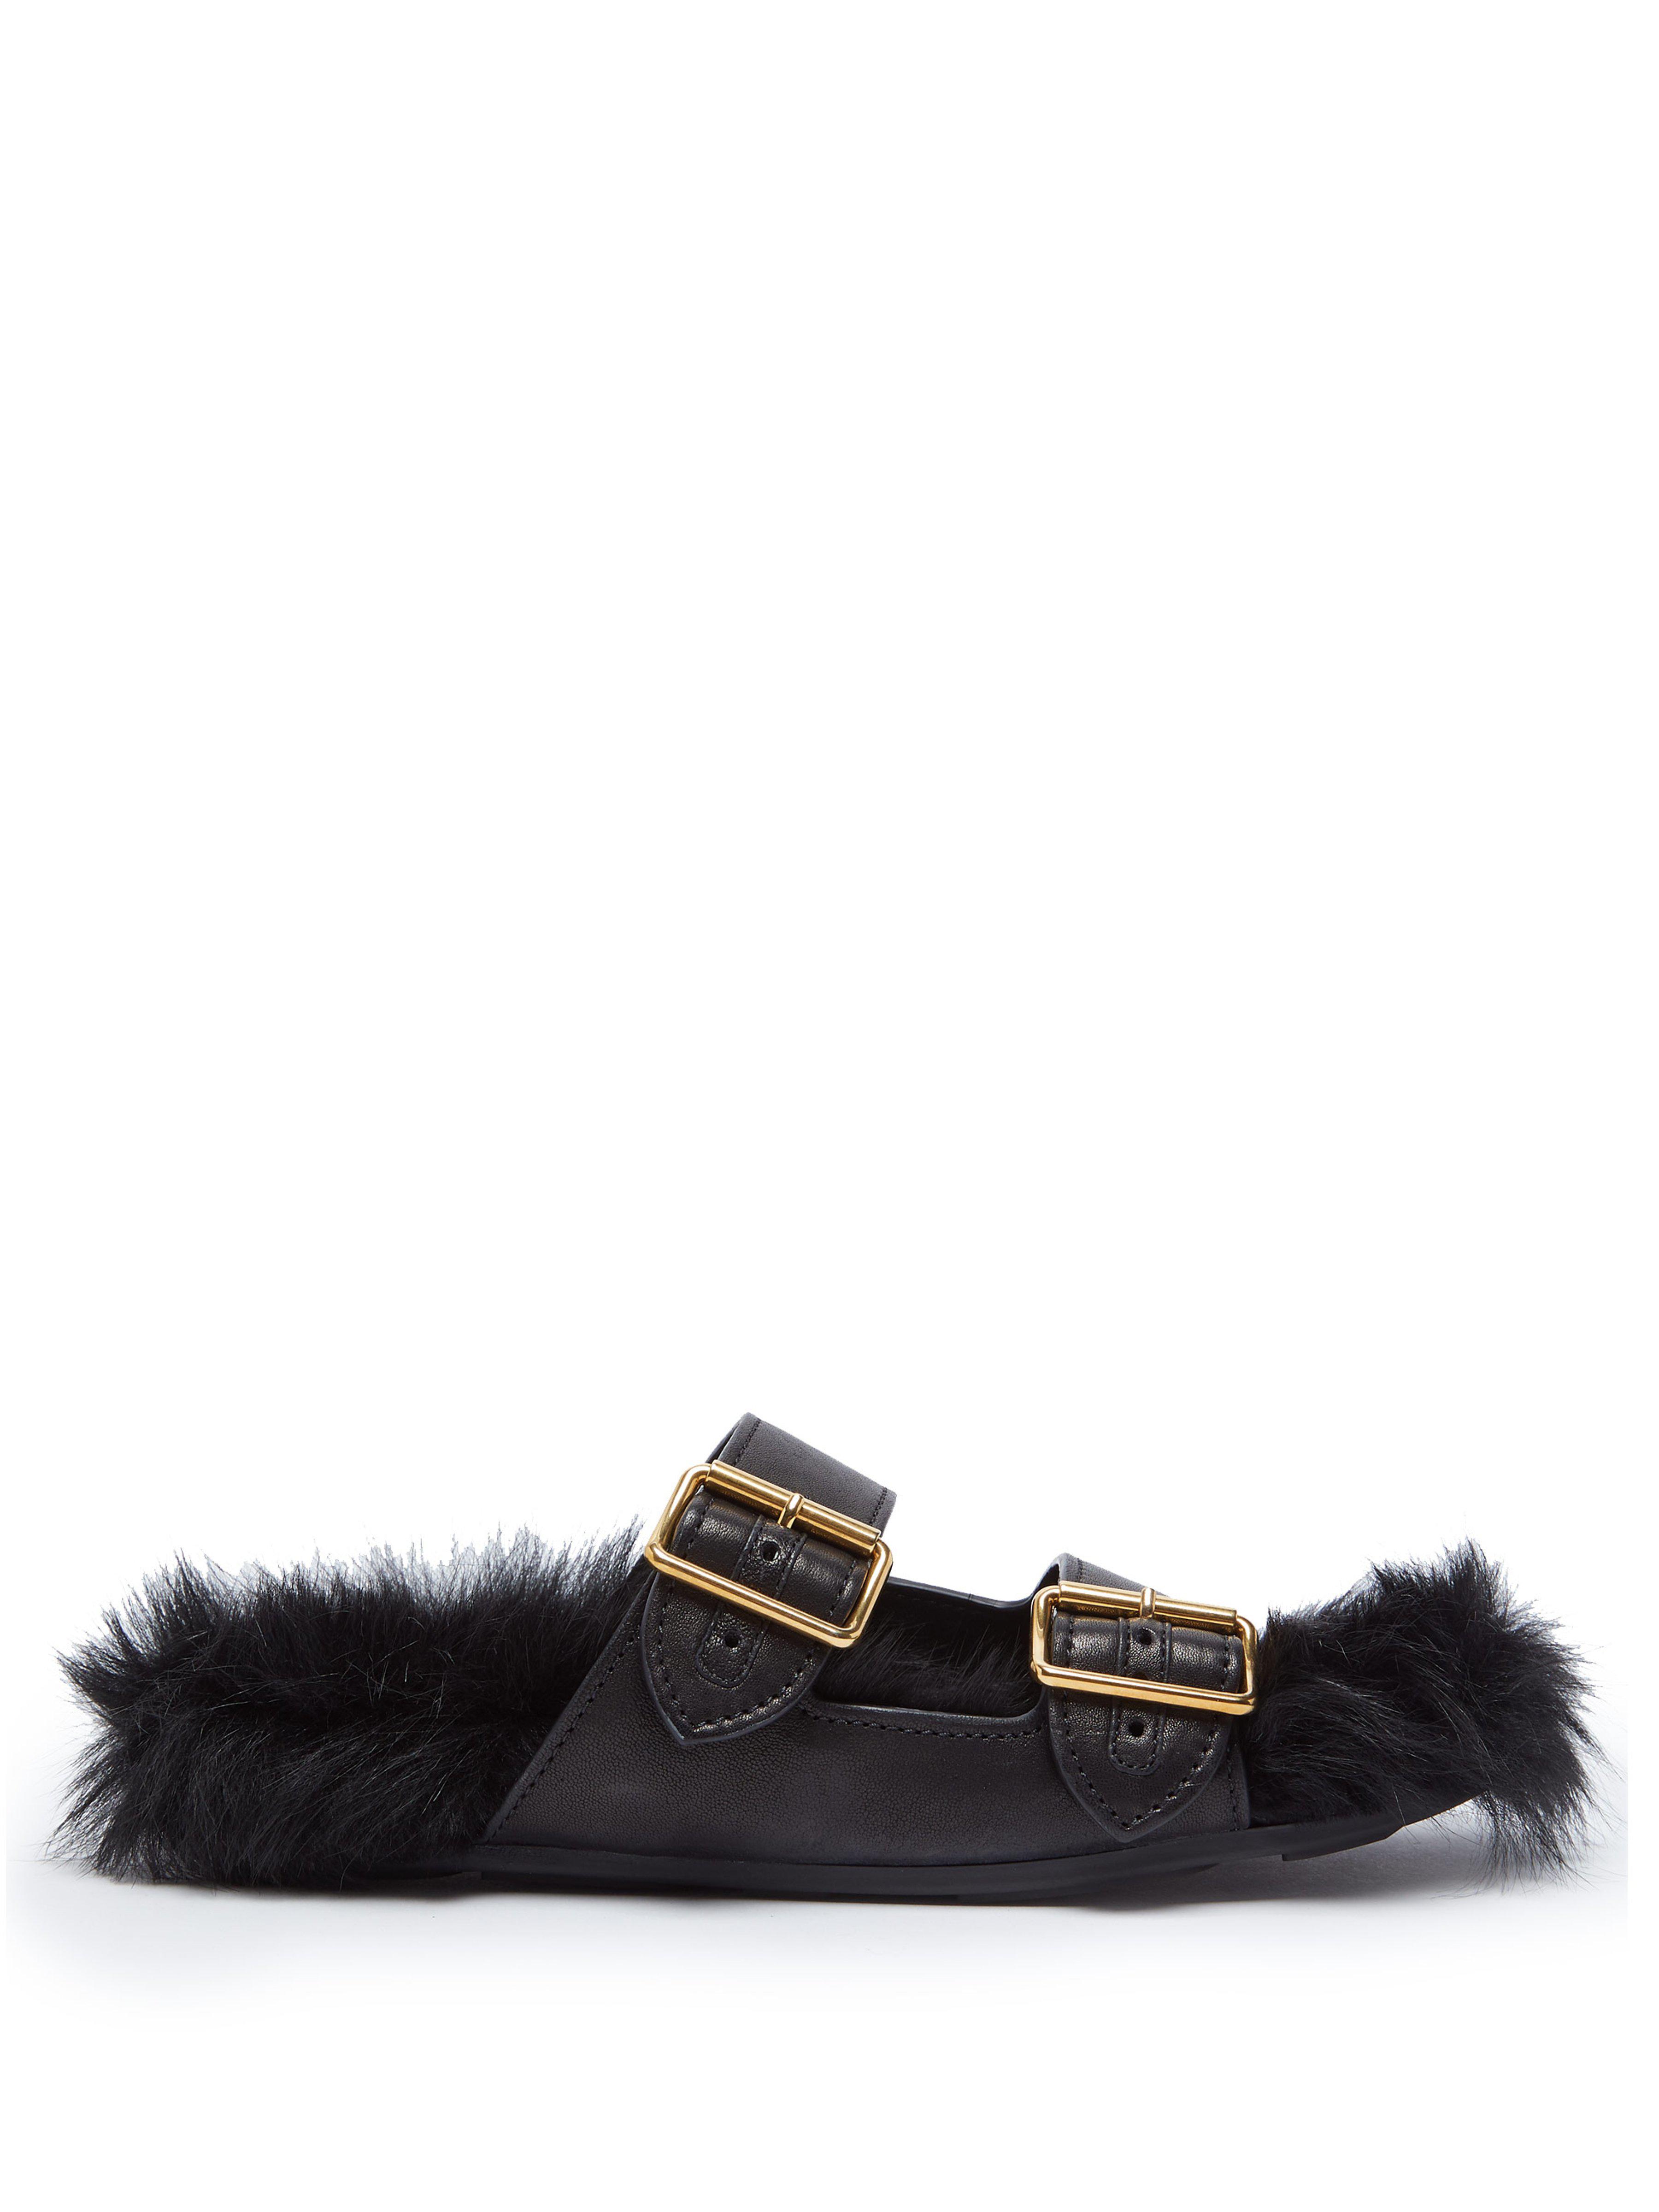 1f63db2dd87 Prada Shearling Lined Leather Sandals in Black - Lyst